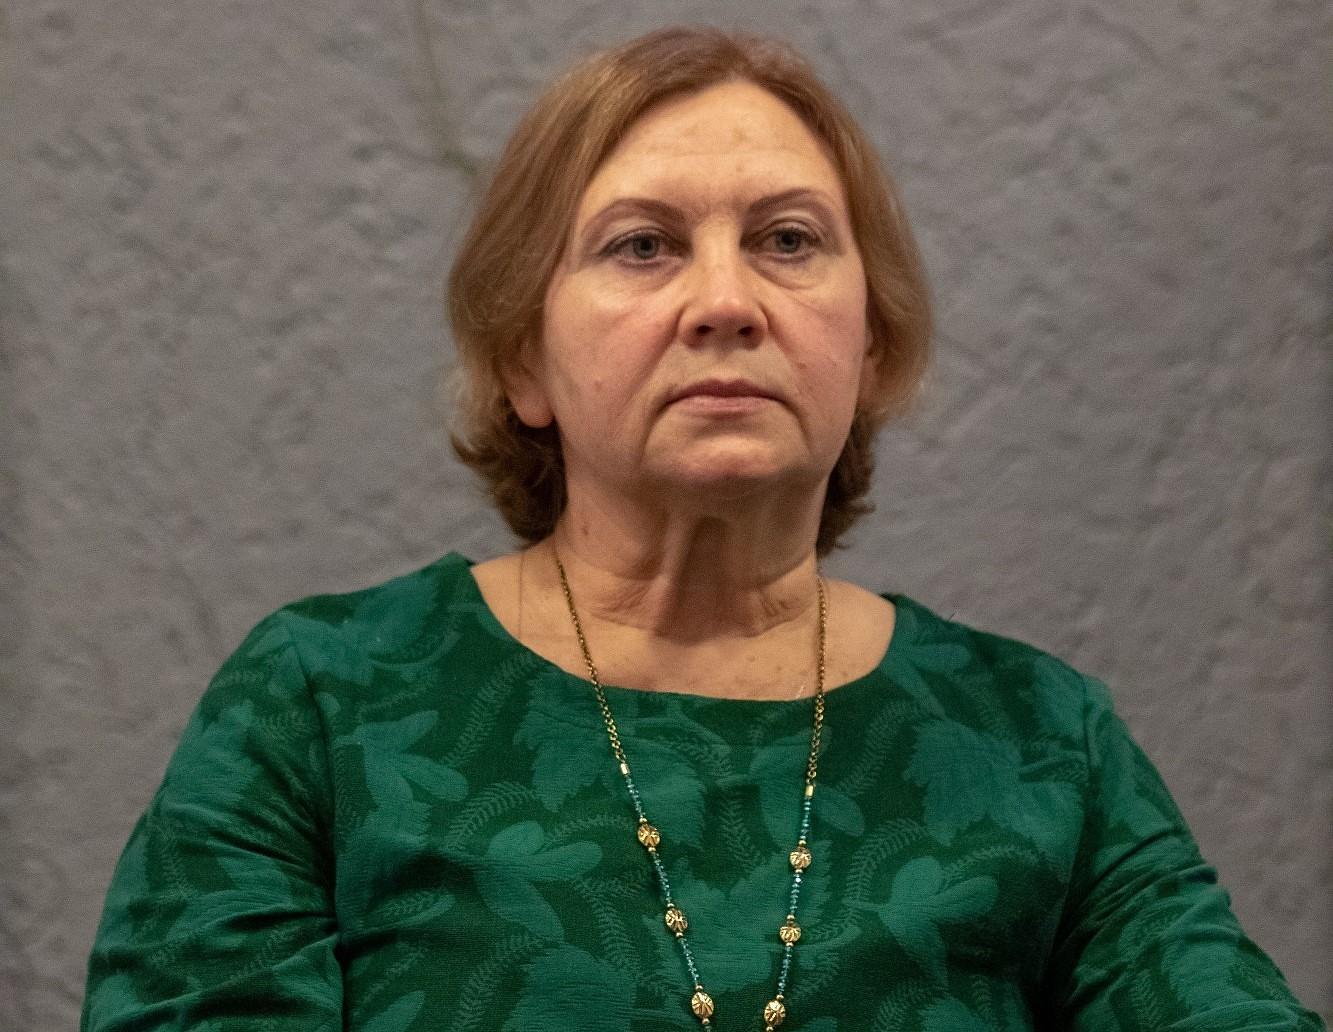 Liepājas muzejā atklās Sandras Vensko jaunāko dzejas grāmatu